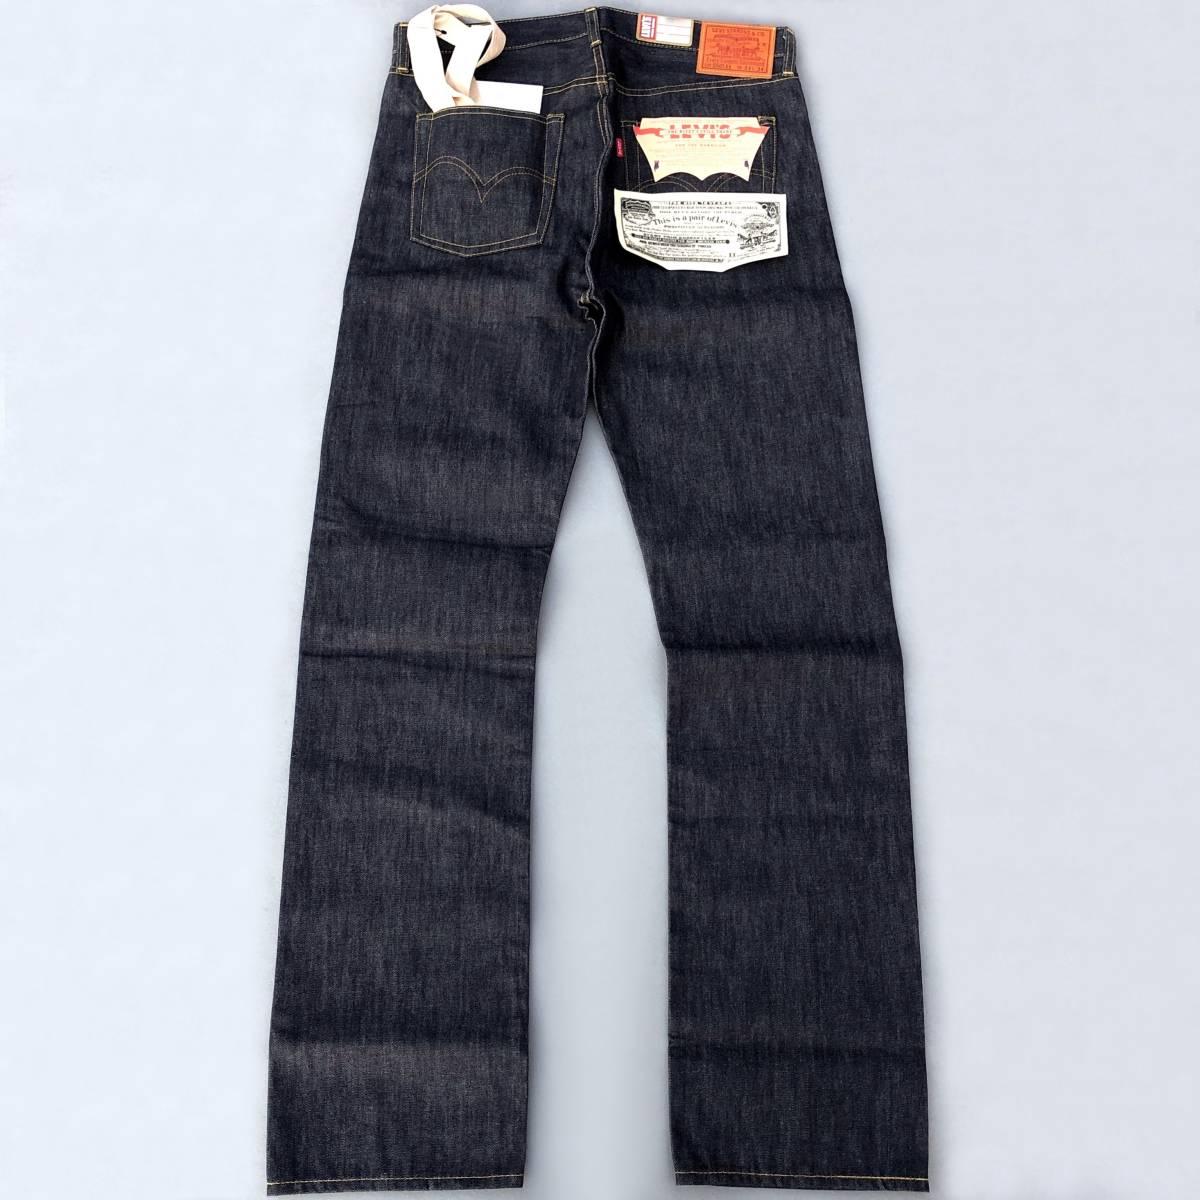 米国製1944年モデル 大戦 LEVI'S VINTAGE CLOTHING S501XX 44501-0068 W33 L34 リジッド 新品 アメリカUSA製 LVC 40s コーンミルズ デニム_画像1